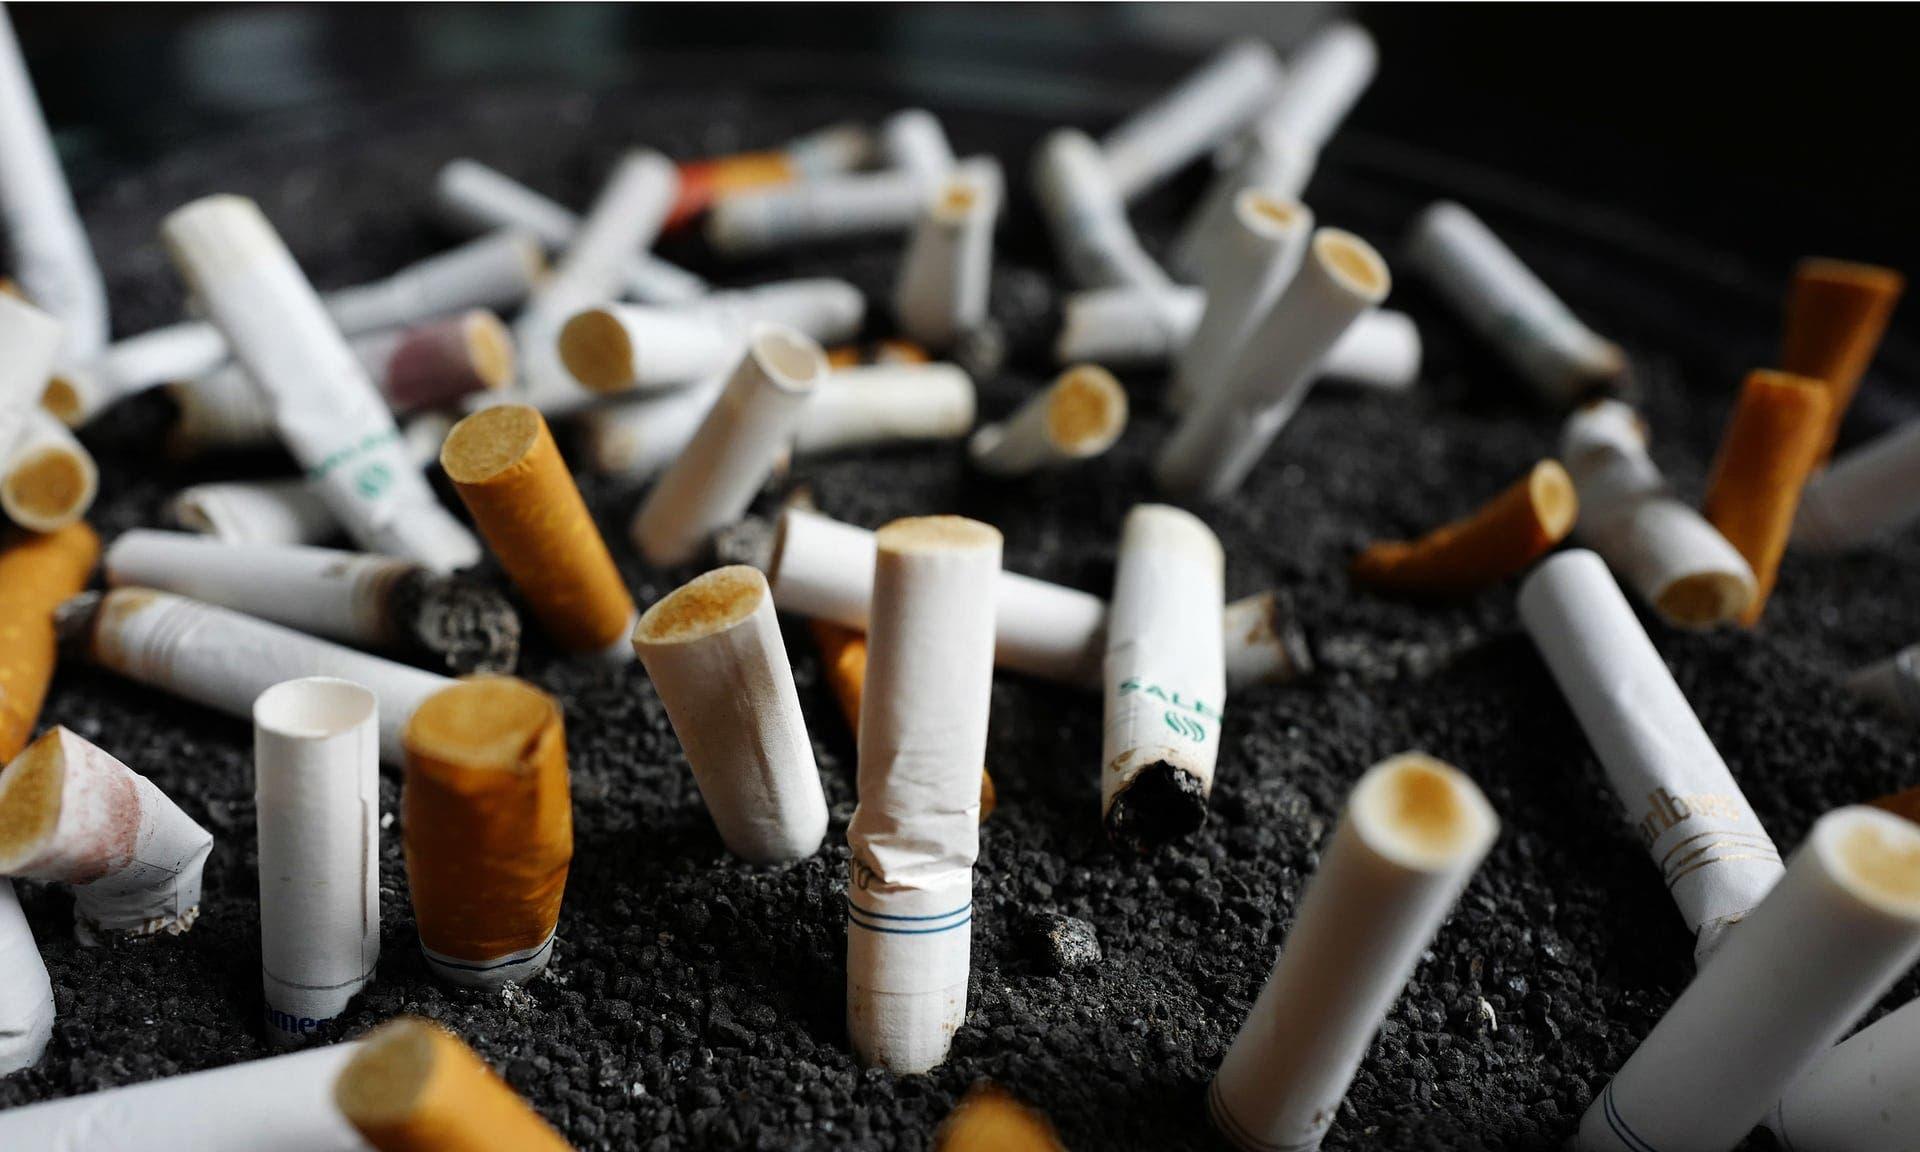 التدخين يزيد من معدلات الإصابة بسرطان القولون